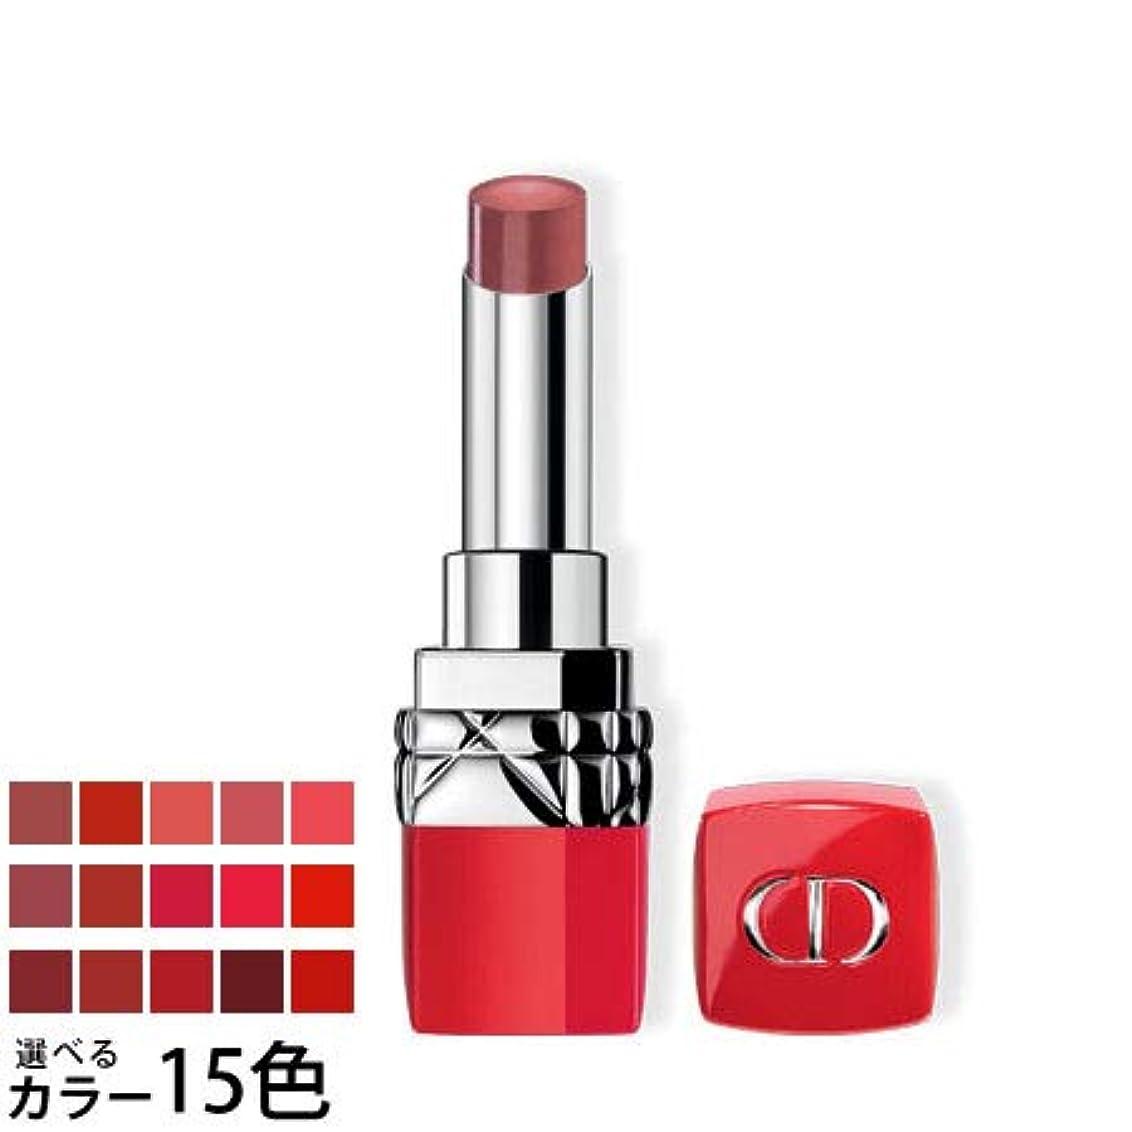 免除印象派楽なディオール ルージュ ディオール ウルトラ ルージュ 選べる15色 -Dior- 555